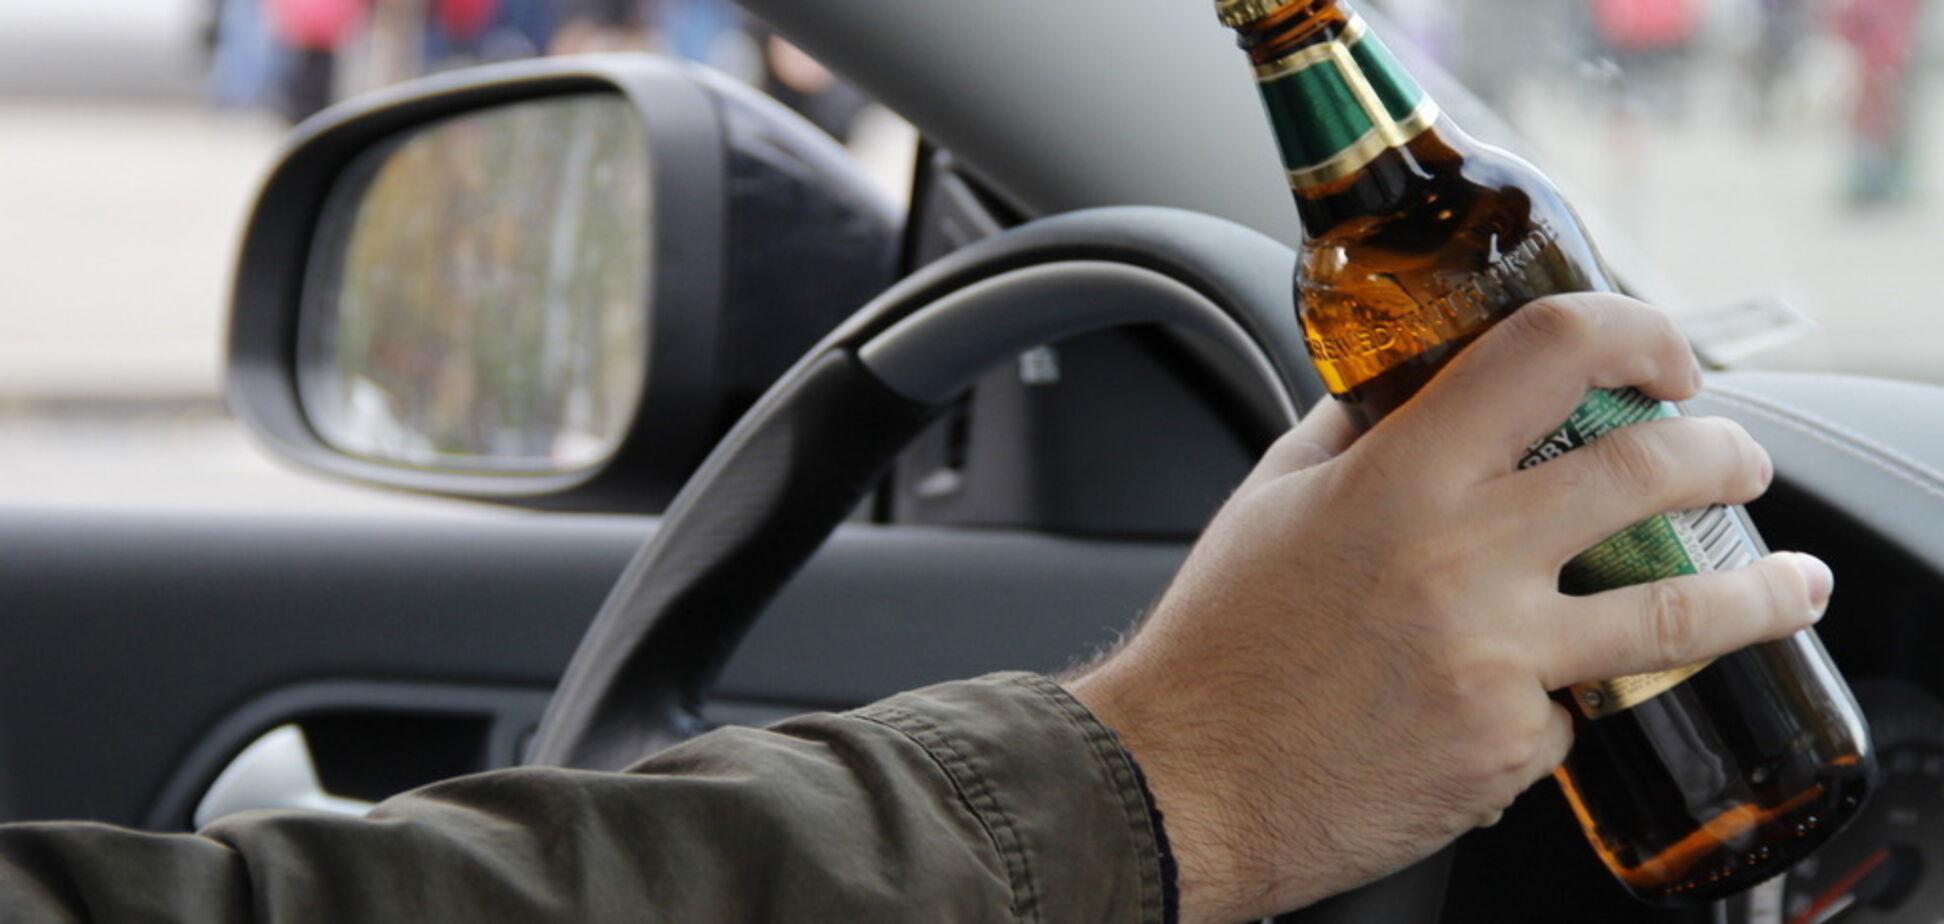 Более 500 в день! Озвучена жуткая статистика ''пьяных'' ДТП на дорогах Украины